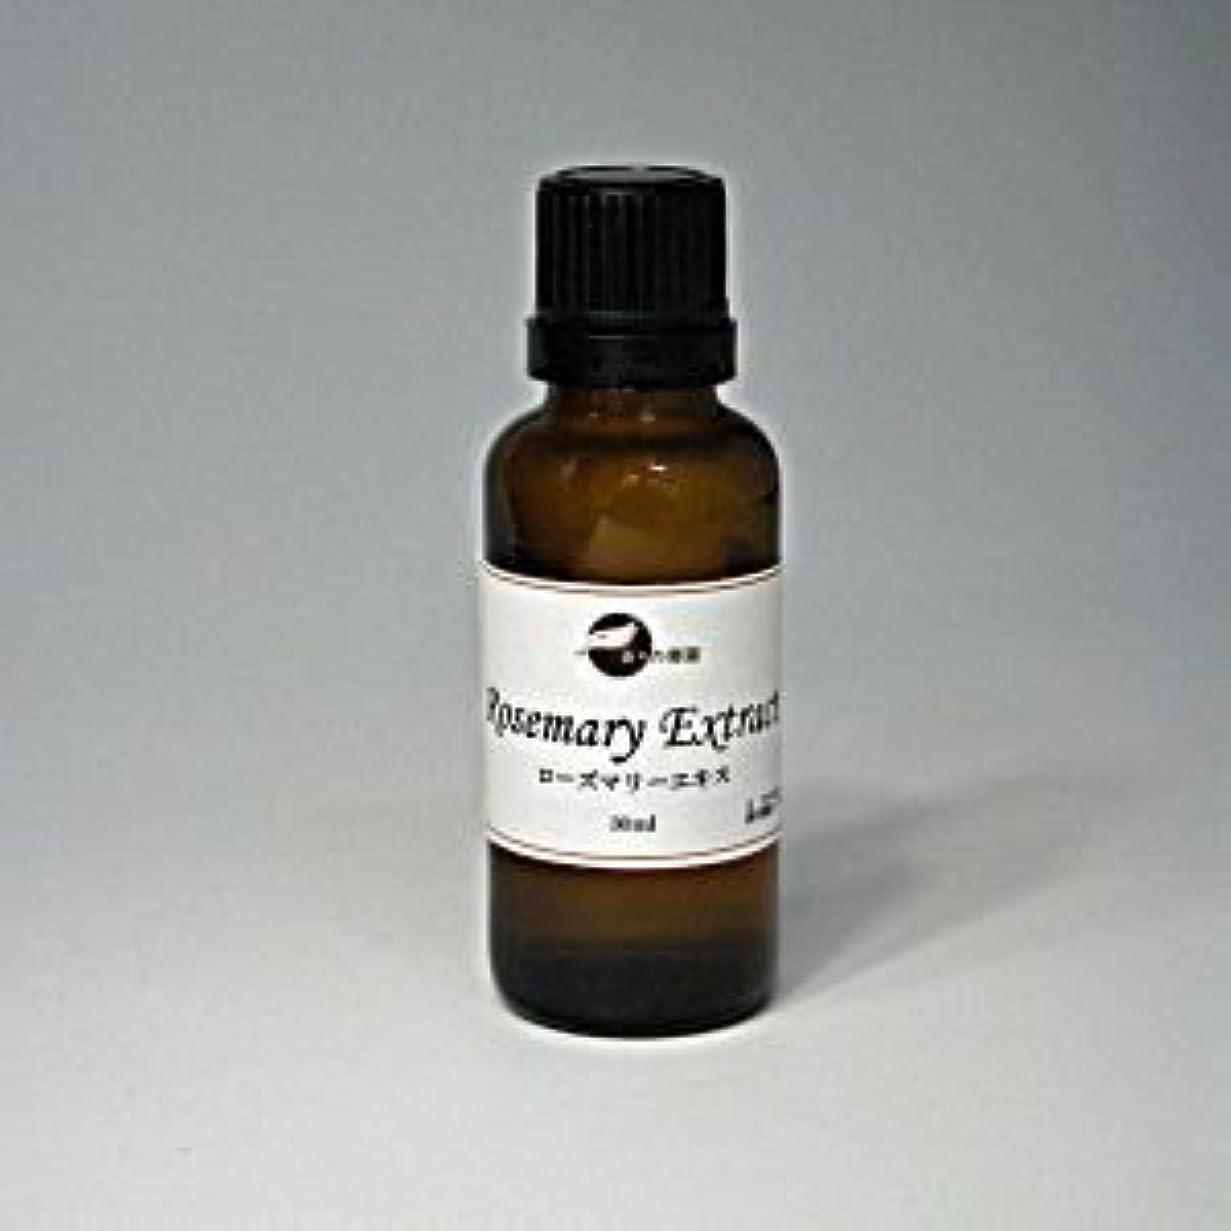 示す薄暗い規制[化粧品原料:天然保存料?酸化防止剤] 優れた抗酸化作用 ローズマリーエキス 30ml